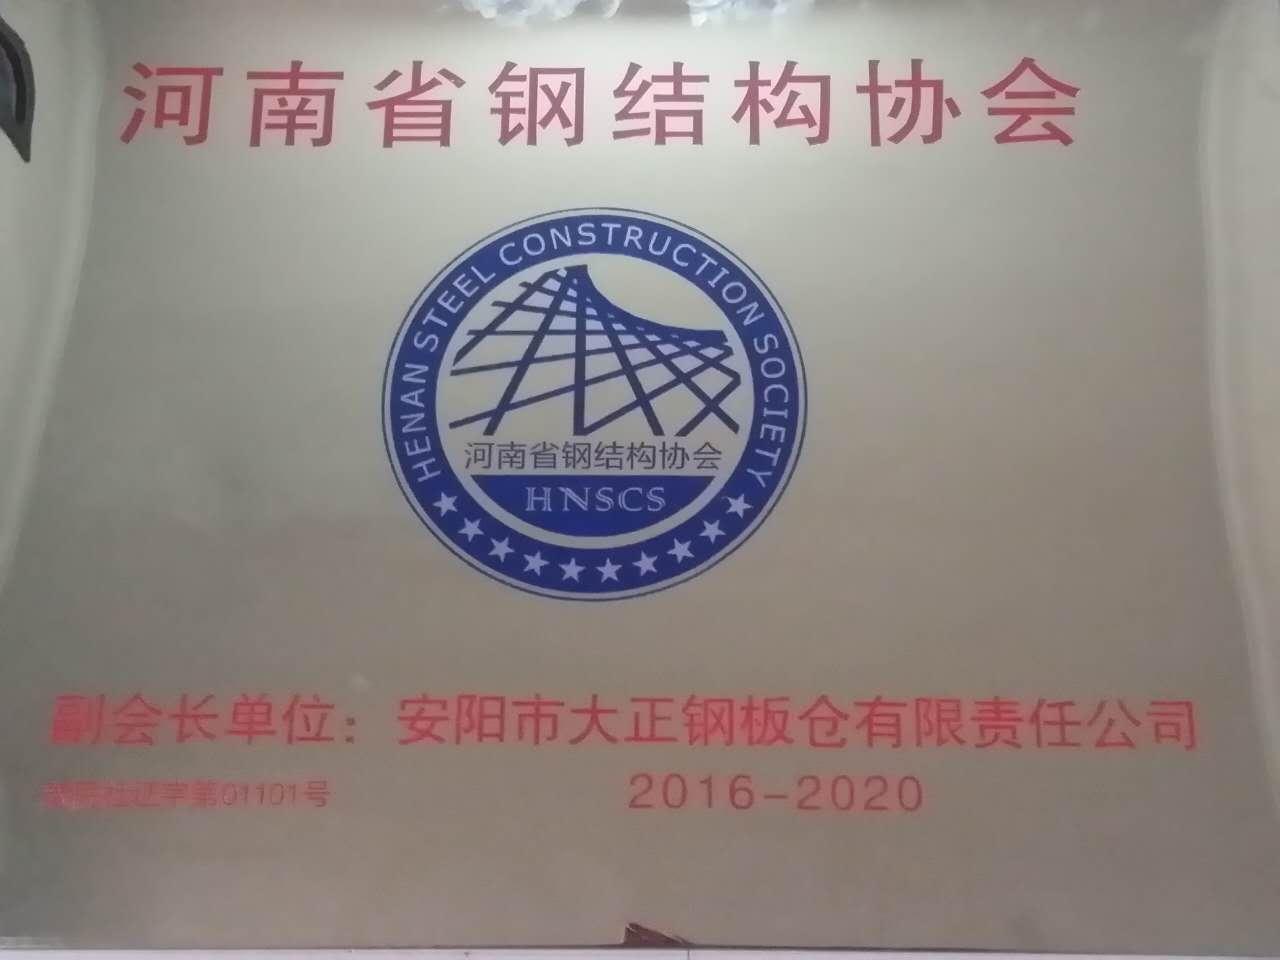 我龙8国际手机版当选为河南省钢结构协会副会长单位-2.jpg